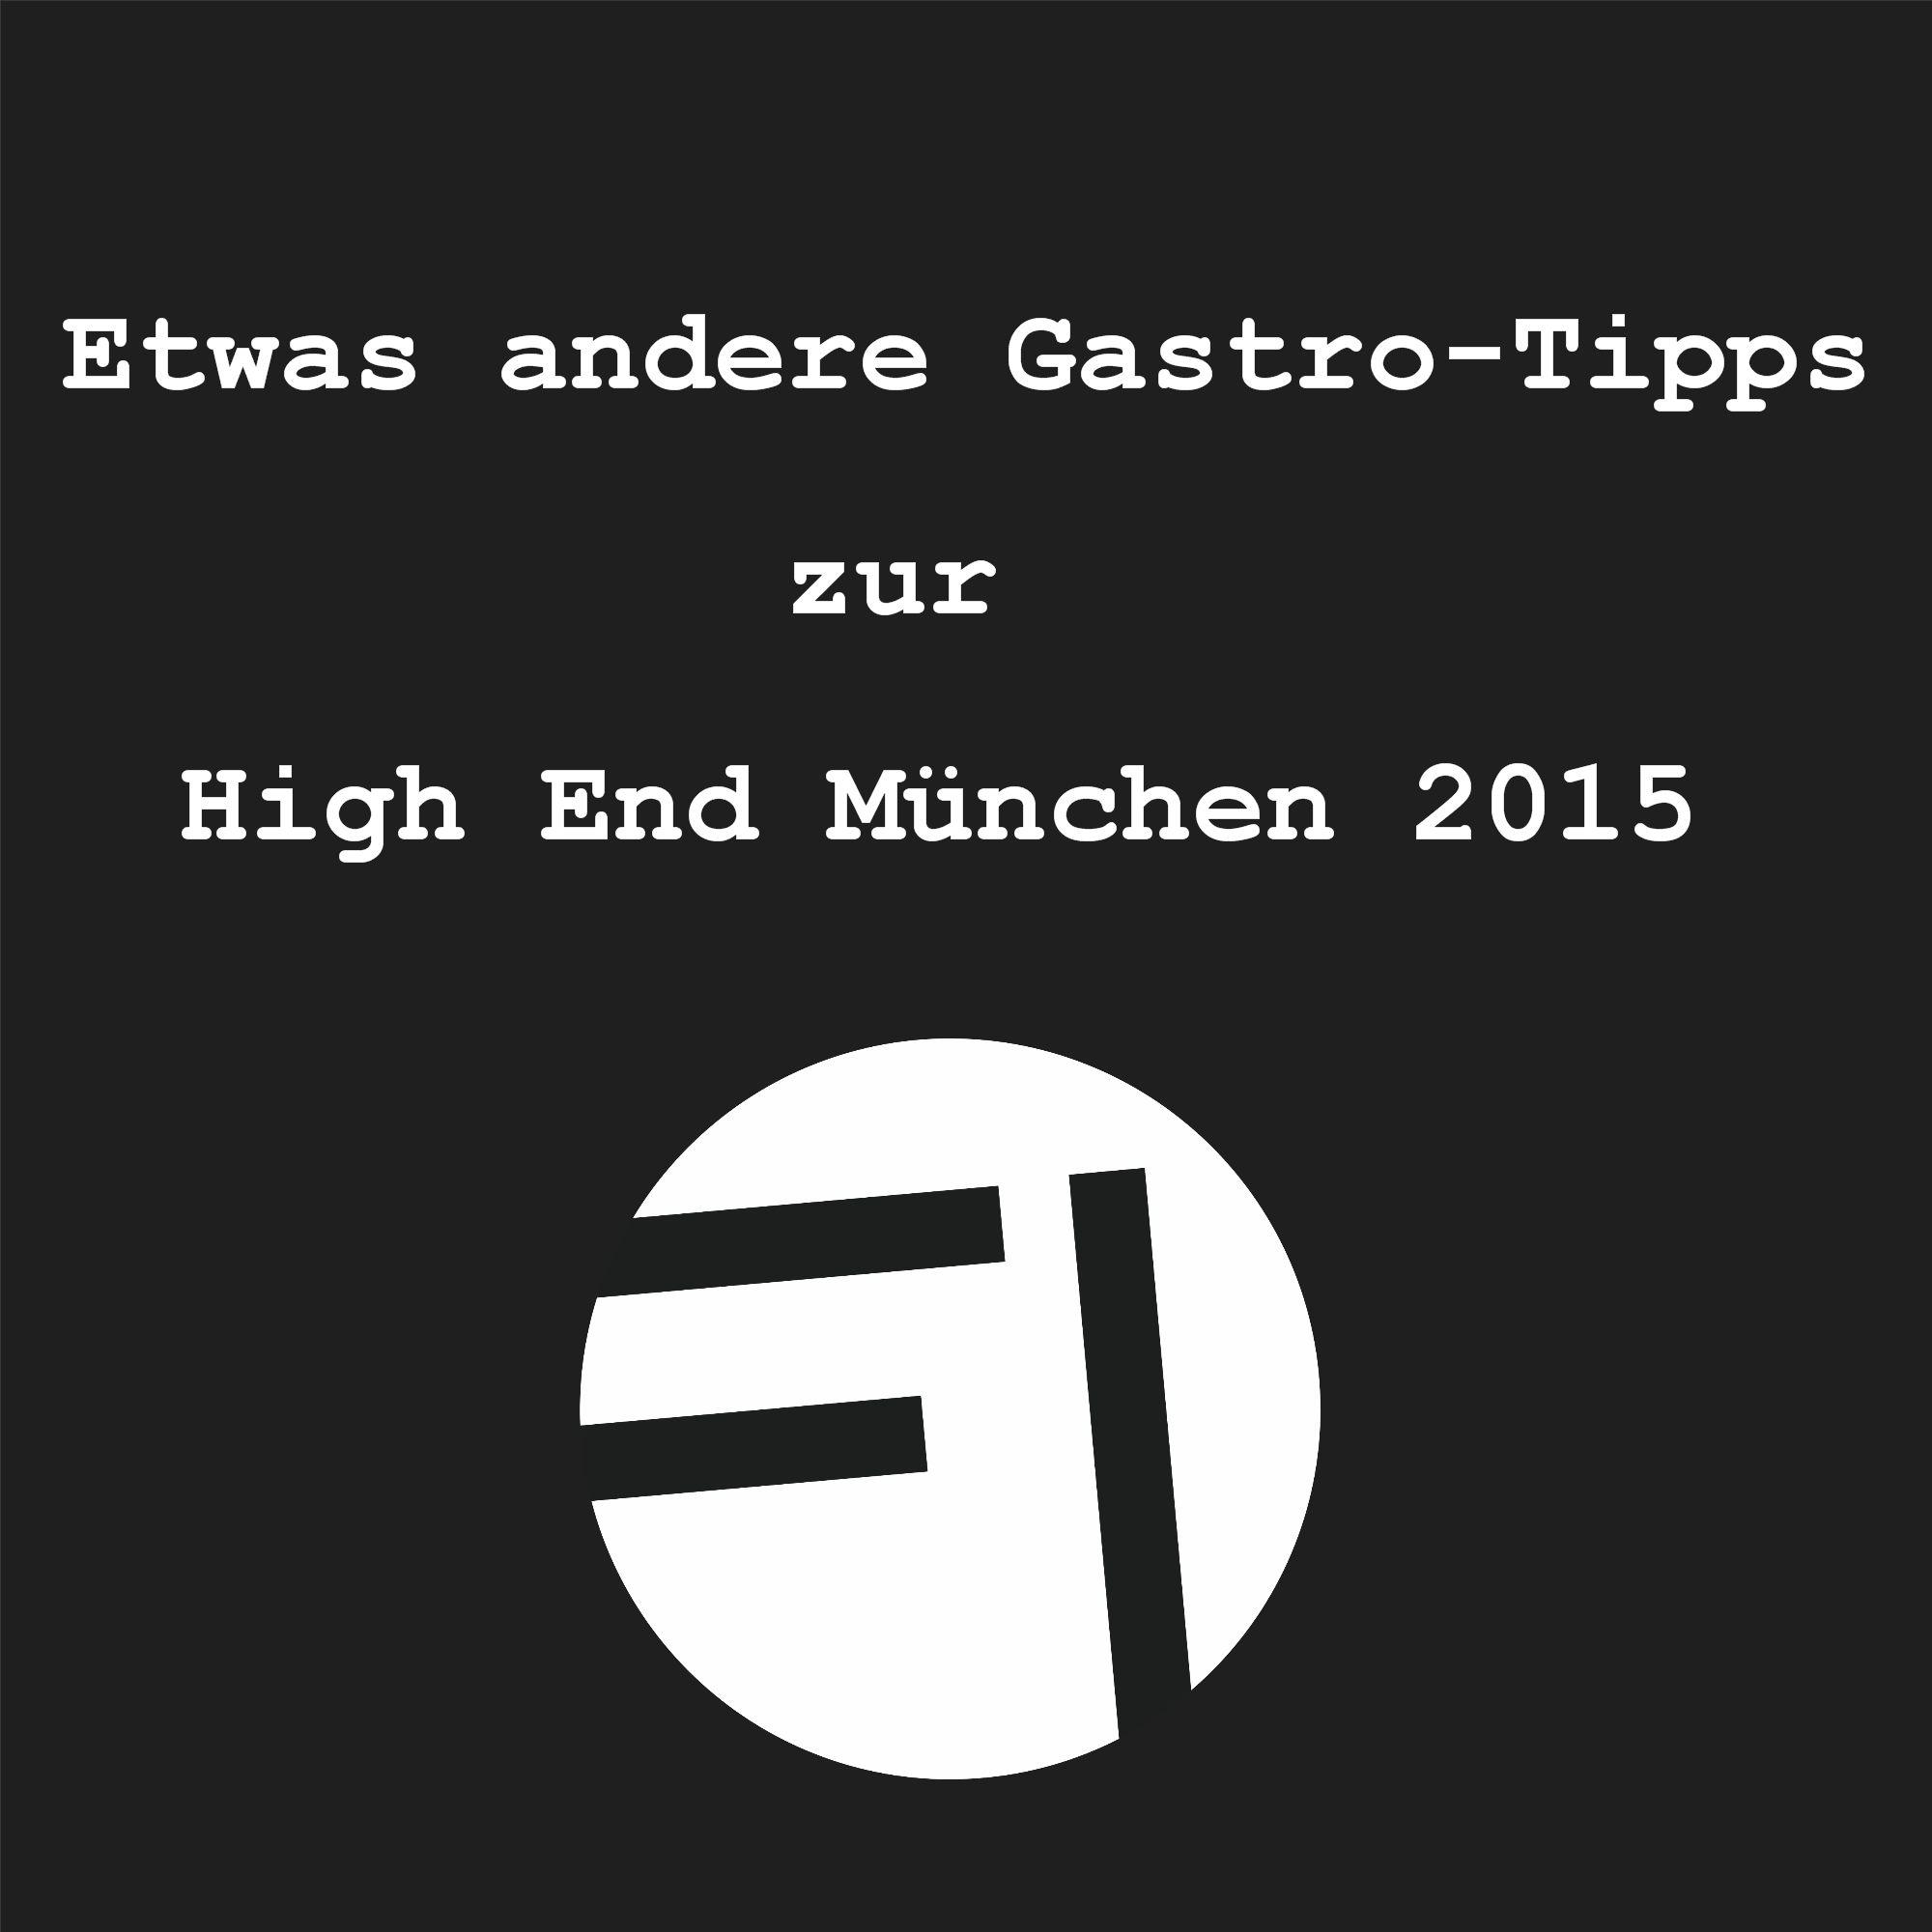 Der etwas andere Gastro-Tipp zur High End München